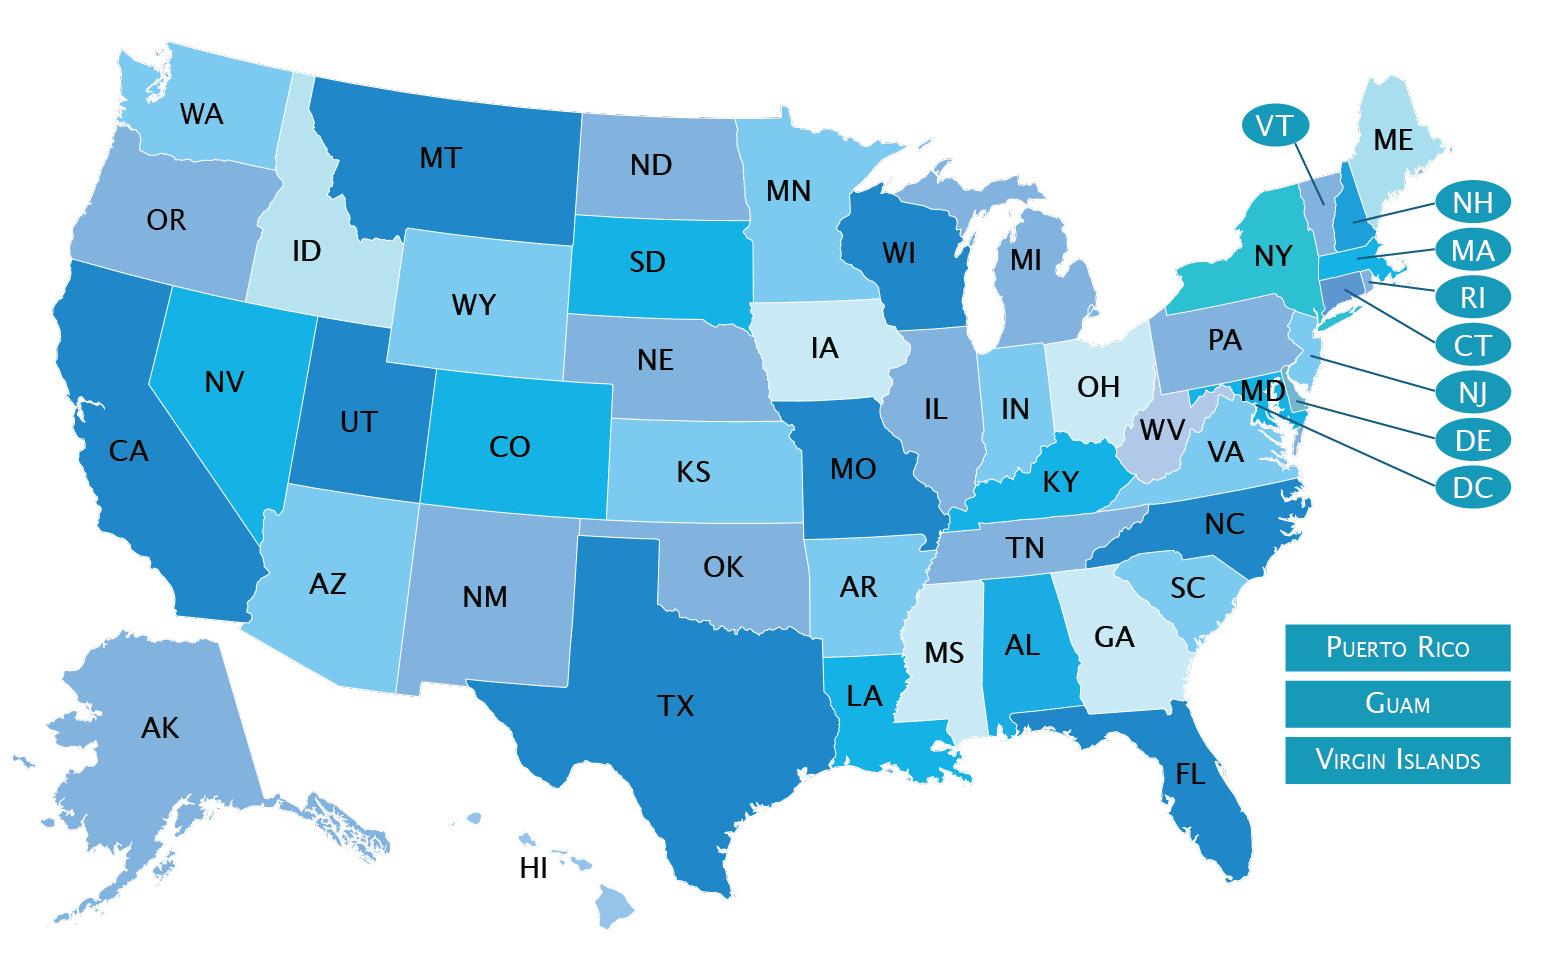 http://3.bp.blogspot.com/-Mueb7xsvIBo/TdP1A3rxBZI/AAAAAAAACzQ/sq1AfL0k3Kg/s1600/USA+MAP.jpg